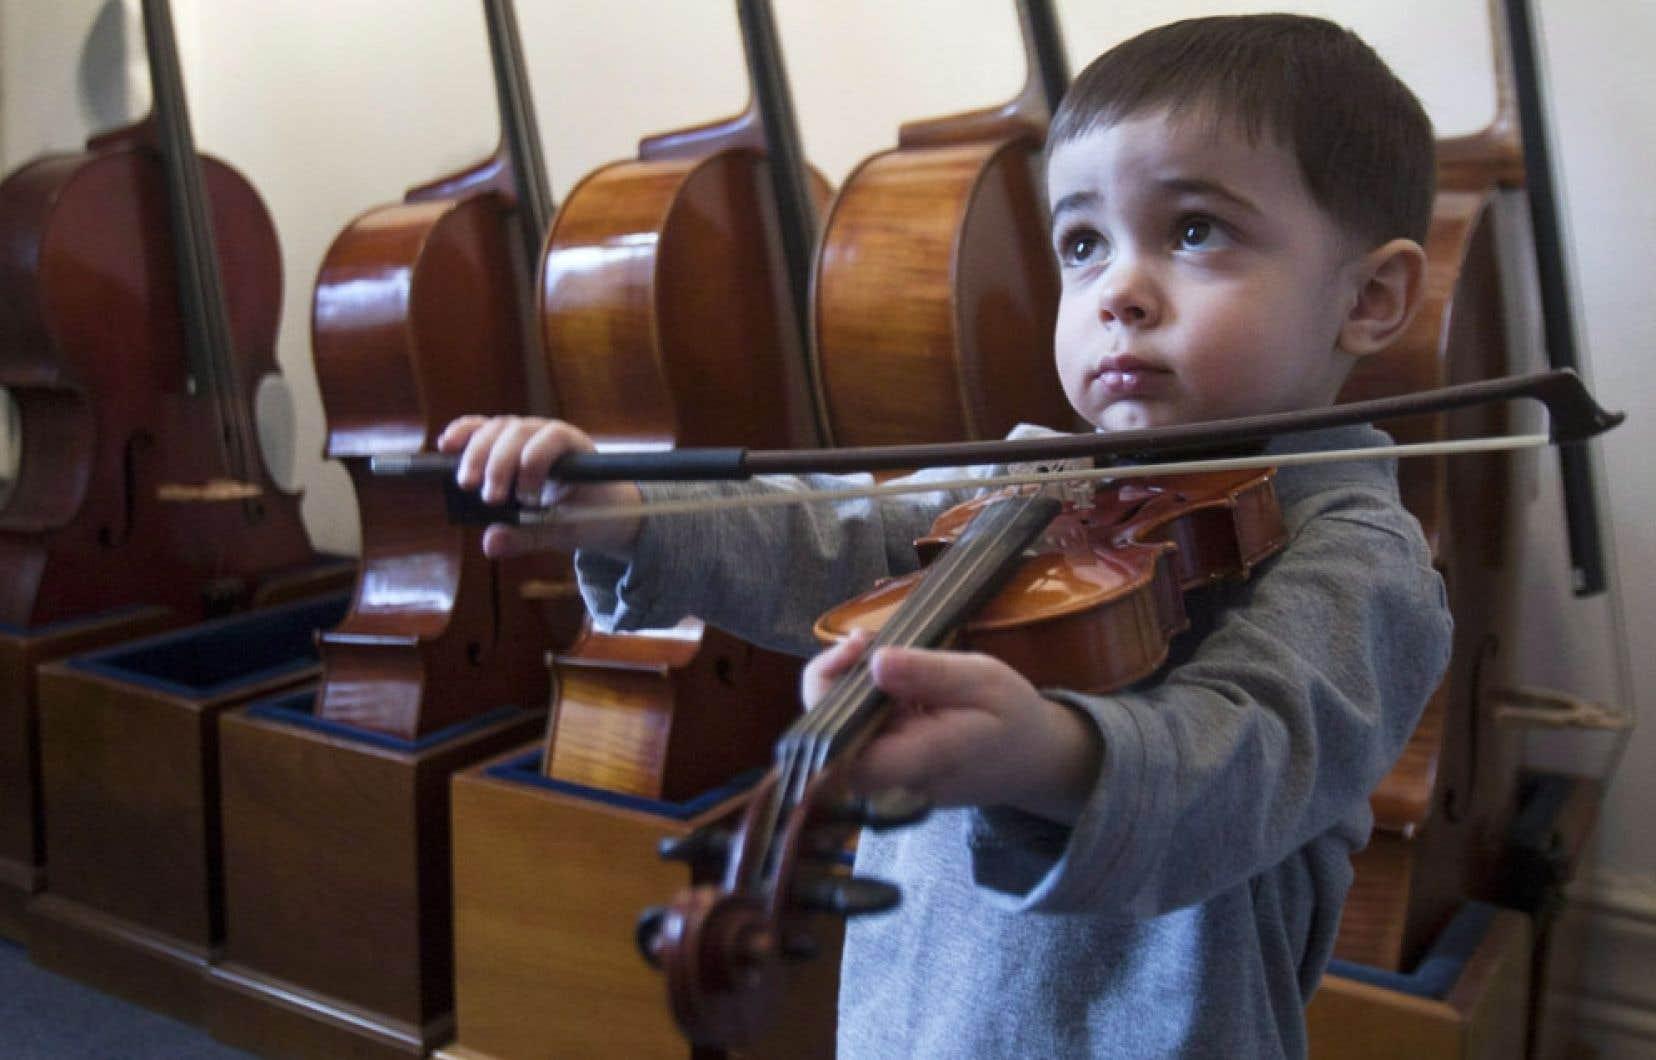 Un très jeune violoniste essaie un instrument dans la boutique d'un luthier montréalais. Si l'expérience musicale débute durant une période où la plasticité du cerveau est accrue, elle modifiera le cerveau, et permettra ainsi d'apprendre plus vite, estiment des chercheurs.